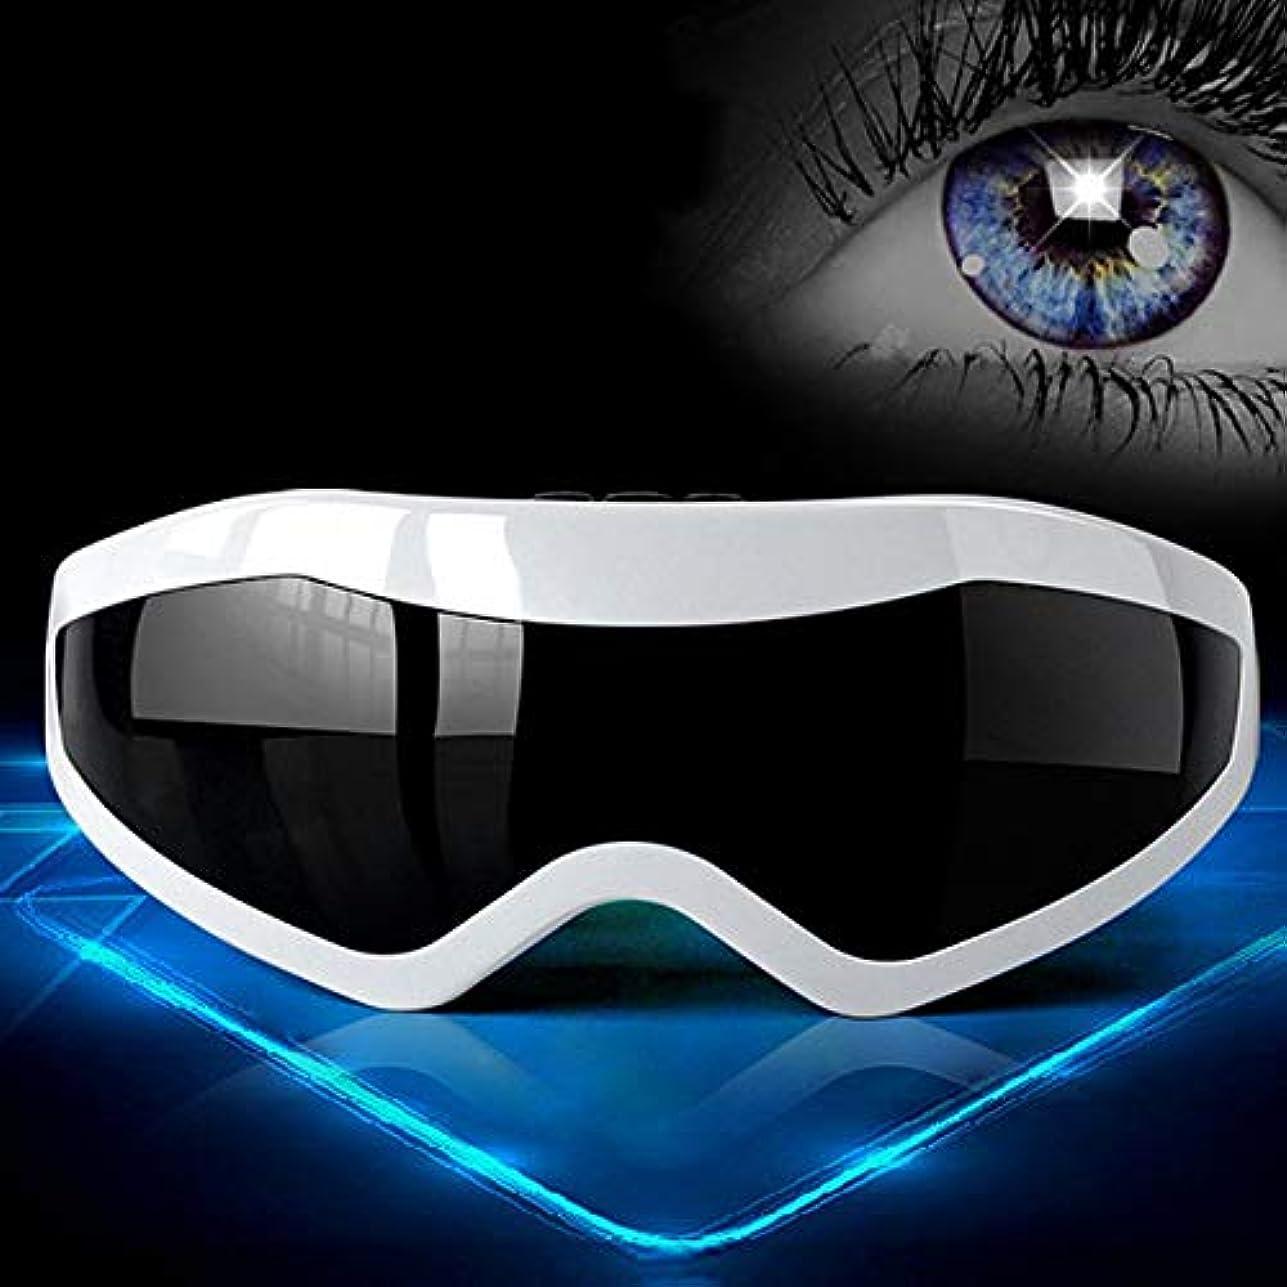 フォームネコ浴室Comfortable Electric Eye Massager Men Women Eye Brain Relax Magnetic Eye Health Care Massager Instrument Best...